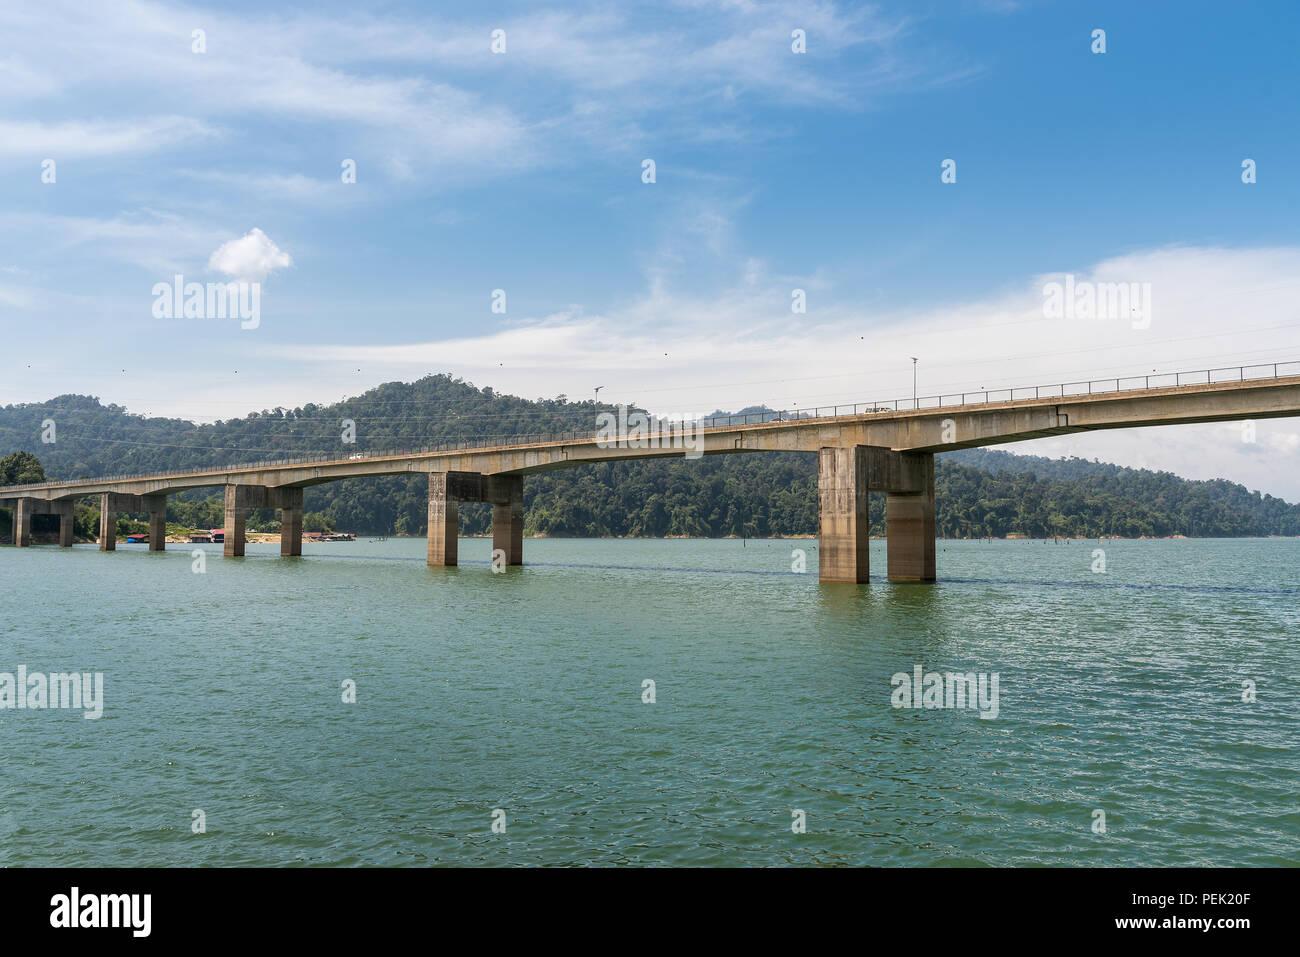 A concrete bridge at Lake Banding or Tasik Banding in Kelantan, Malaysia. - Stock Image